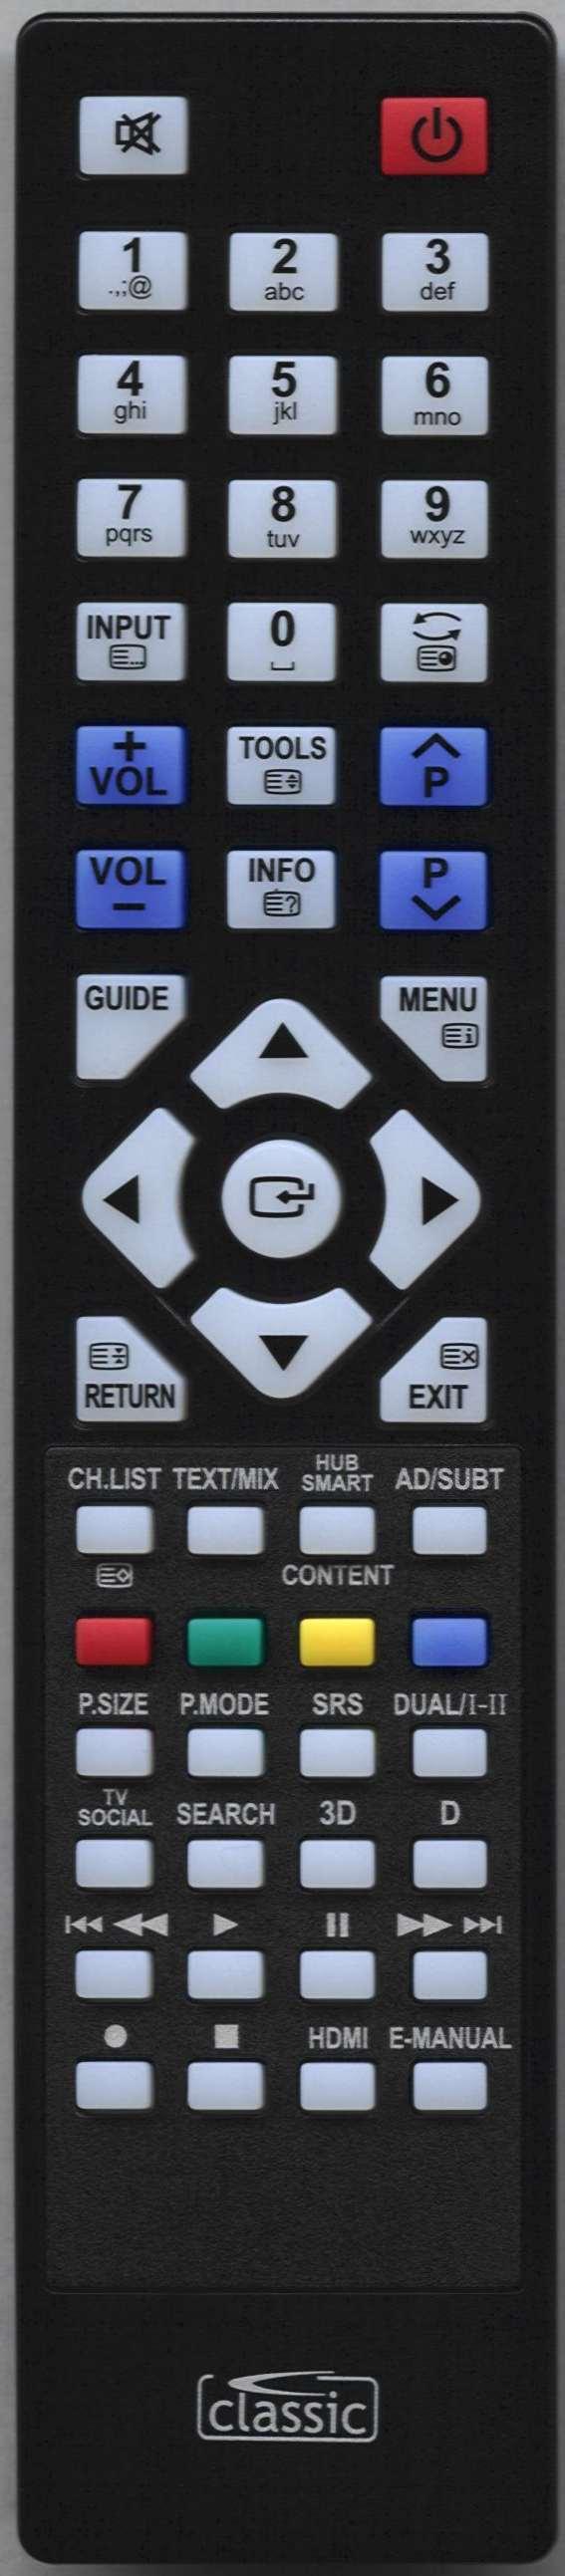 SAMSUNG PS43E450A1W Remote Control Alternative